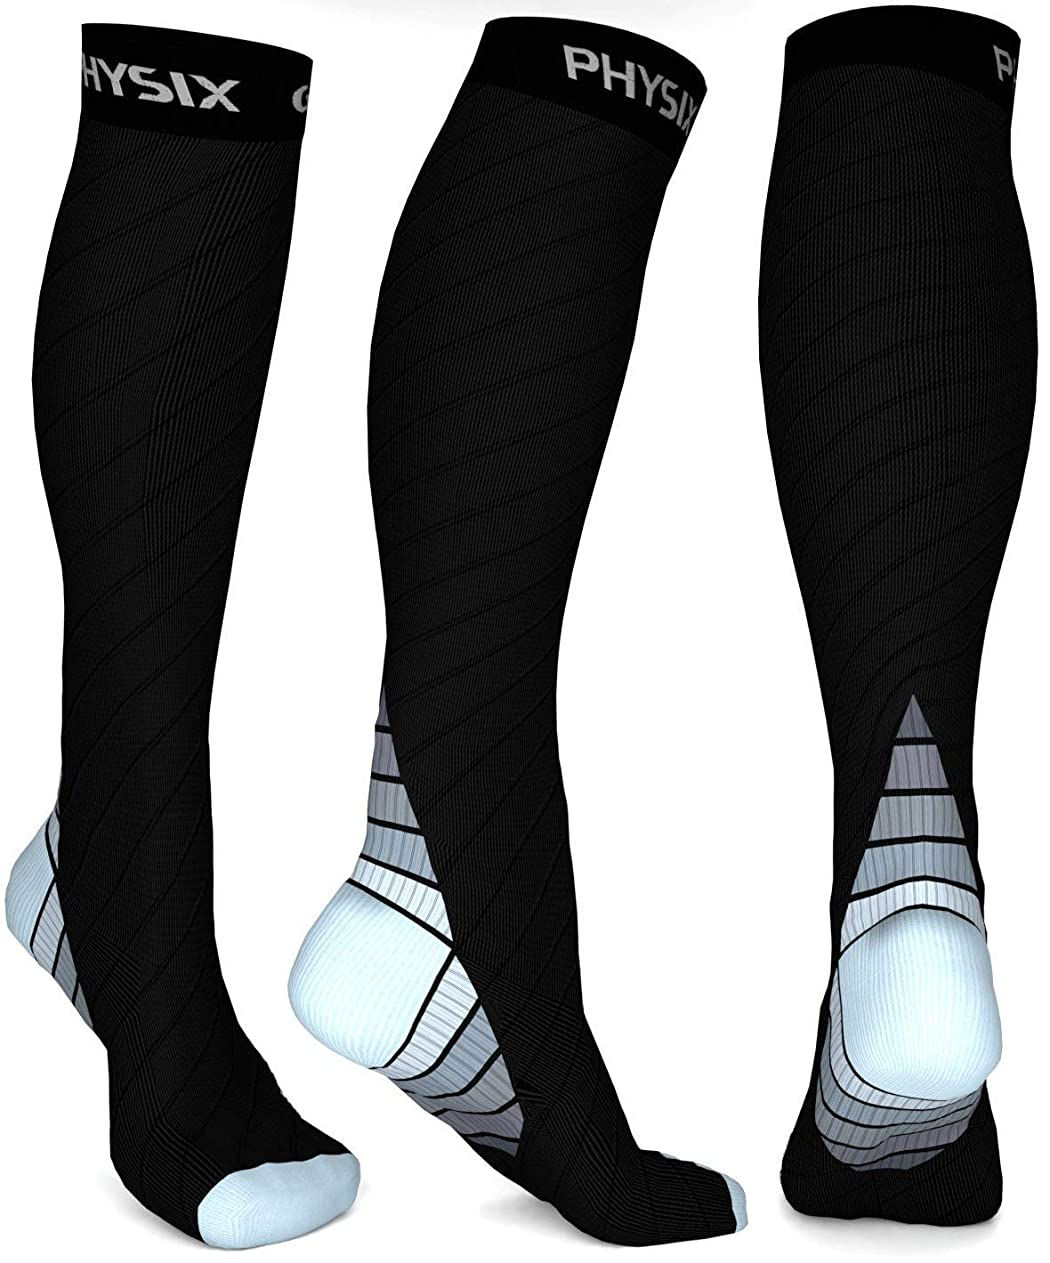 光のトースト漫画Physix Gearコンプレッションソックス男性用/女性用(20?30 mmHg)最高の段階的なフィット ランニング、看護、過労性脛部痛、フライトトラベル&マタニティ妊娠 – スタミナ、循環&回復 (BLACK & GREY S-M)